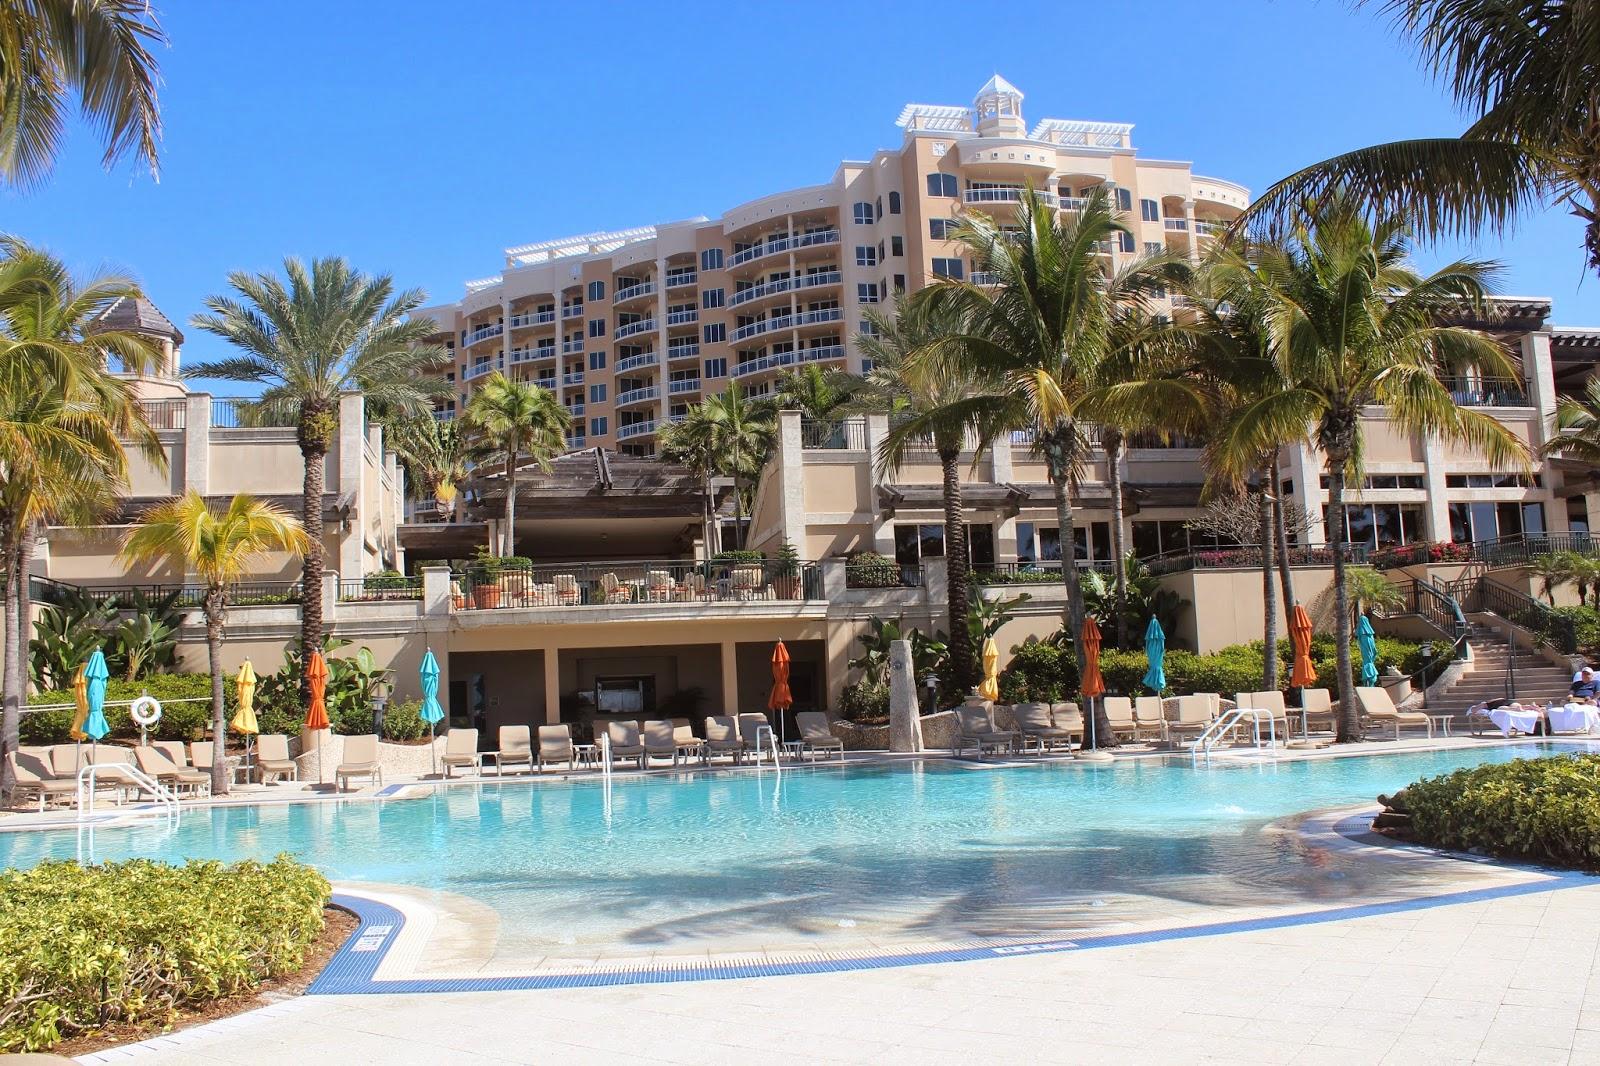 Ritz Carlton Beach Club Lido Key The Best Beaches In World